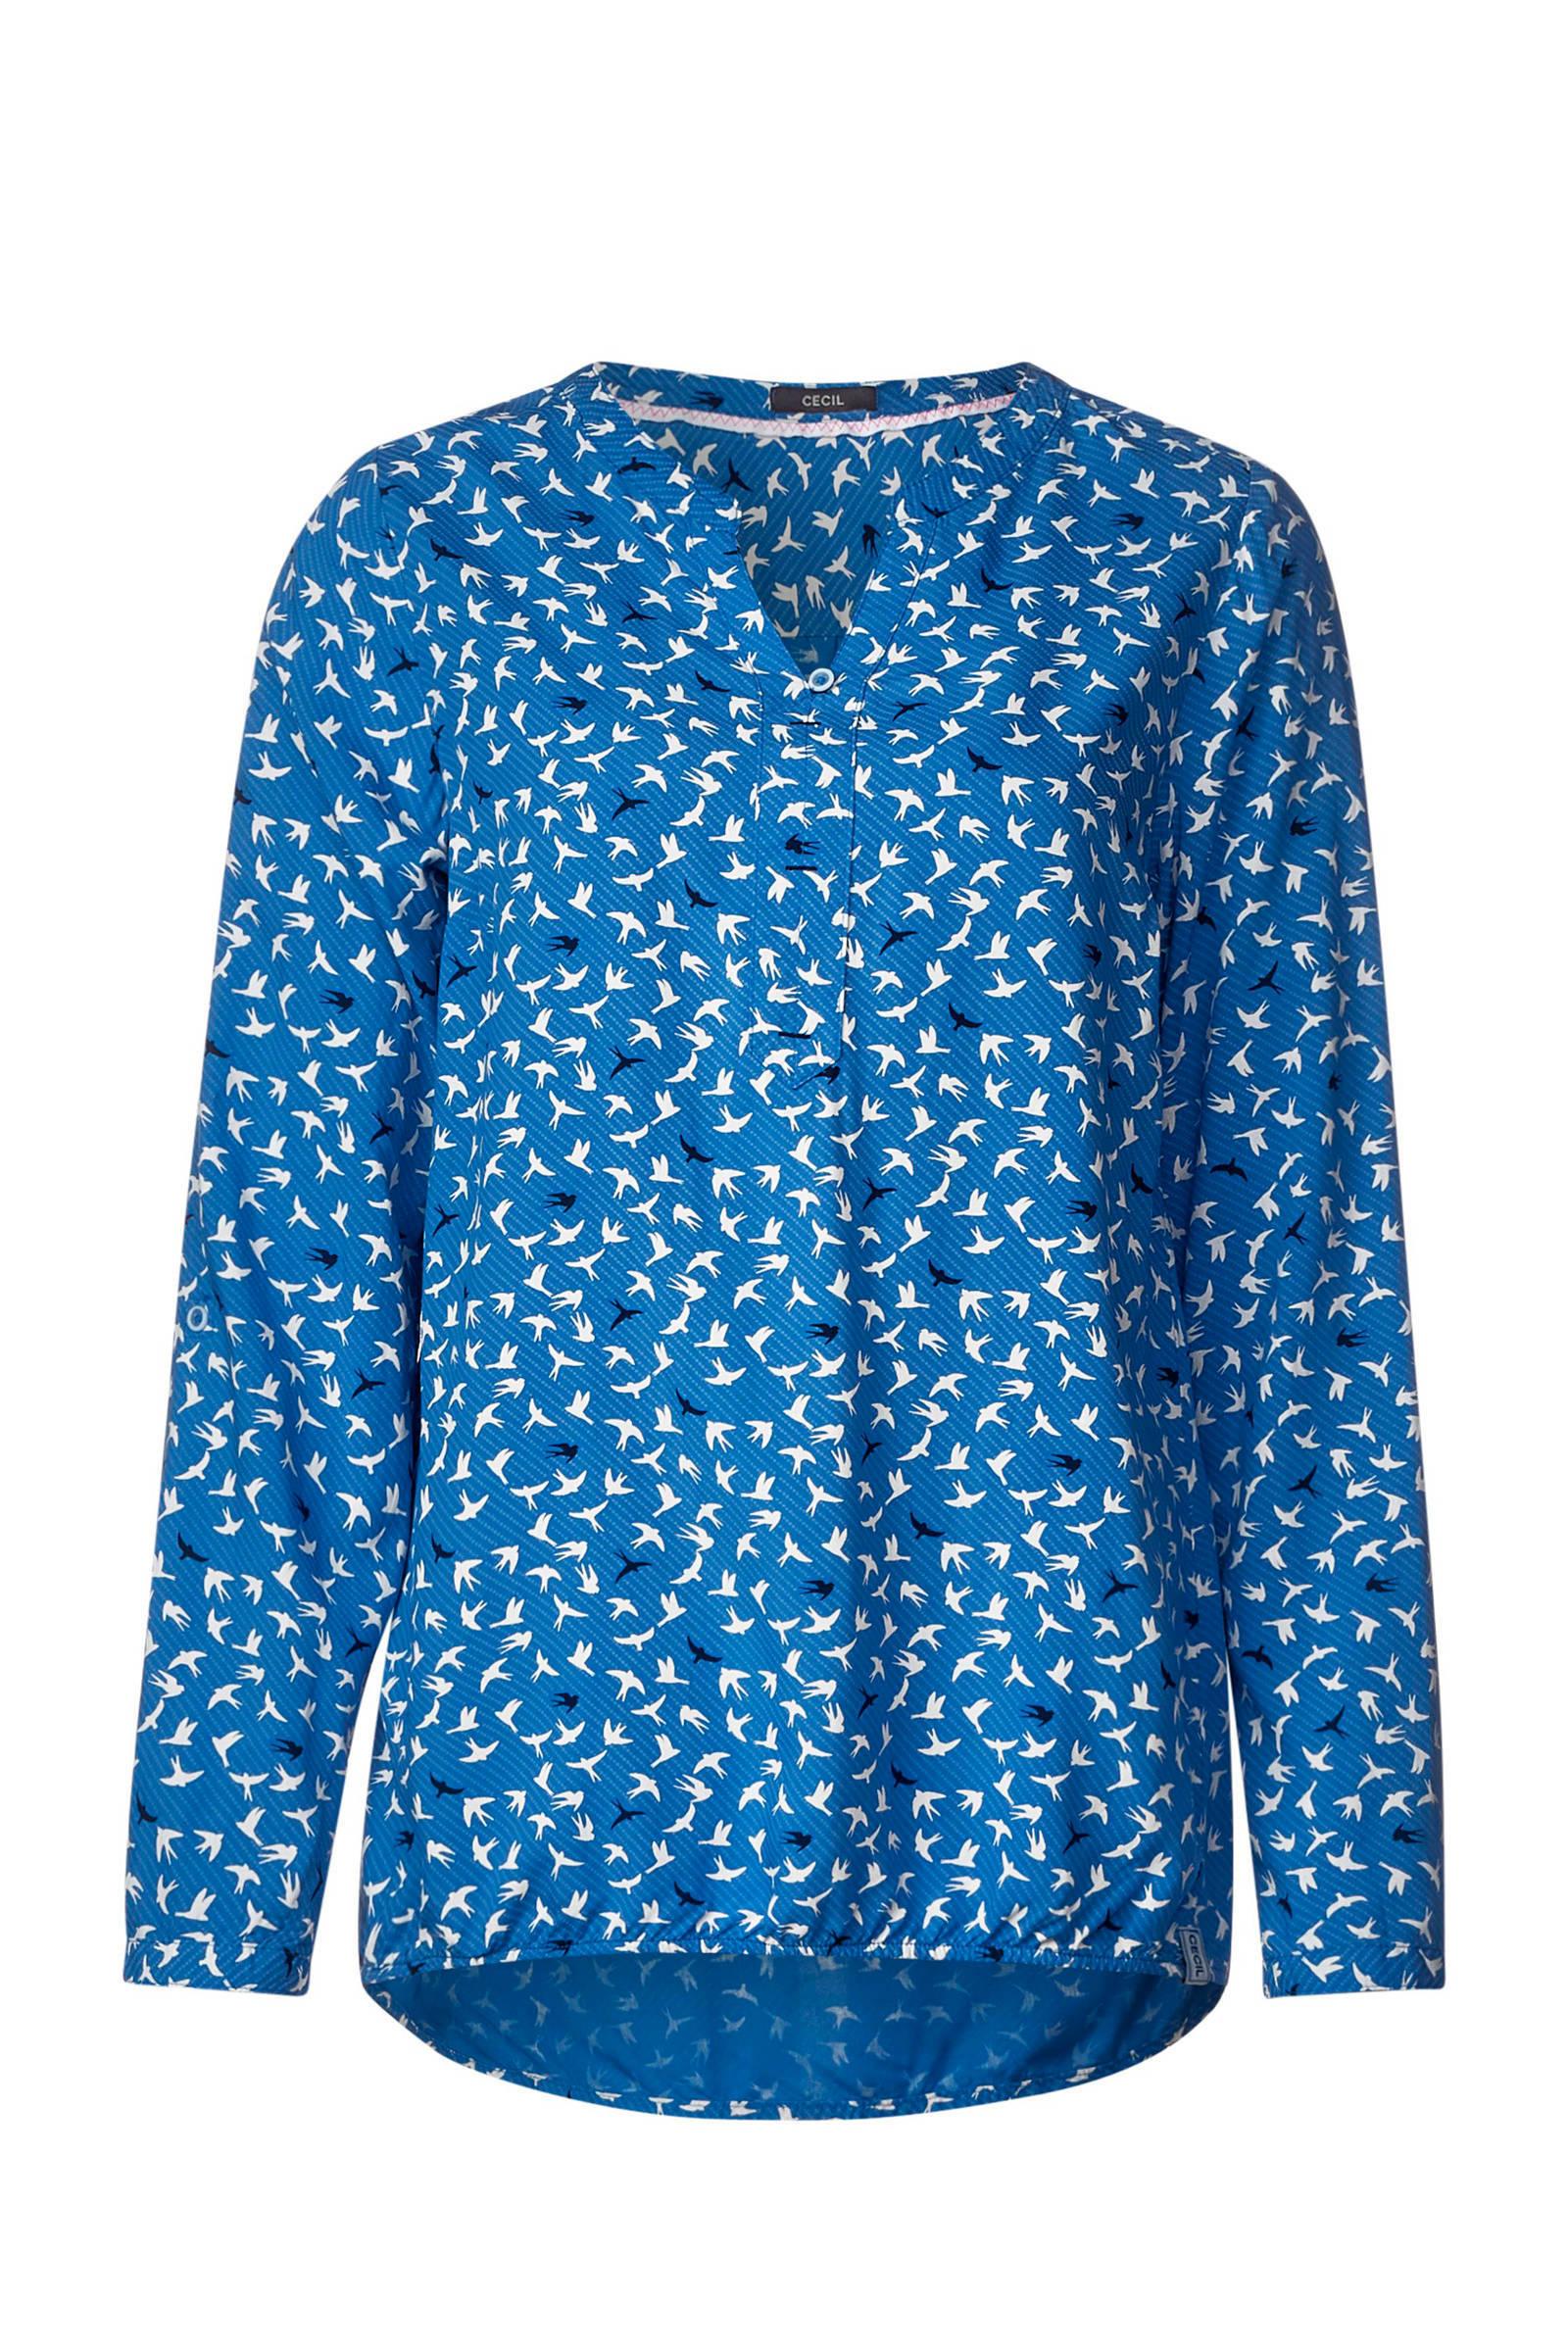 blauwe blouse met vogels